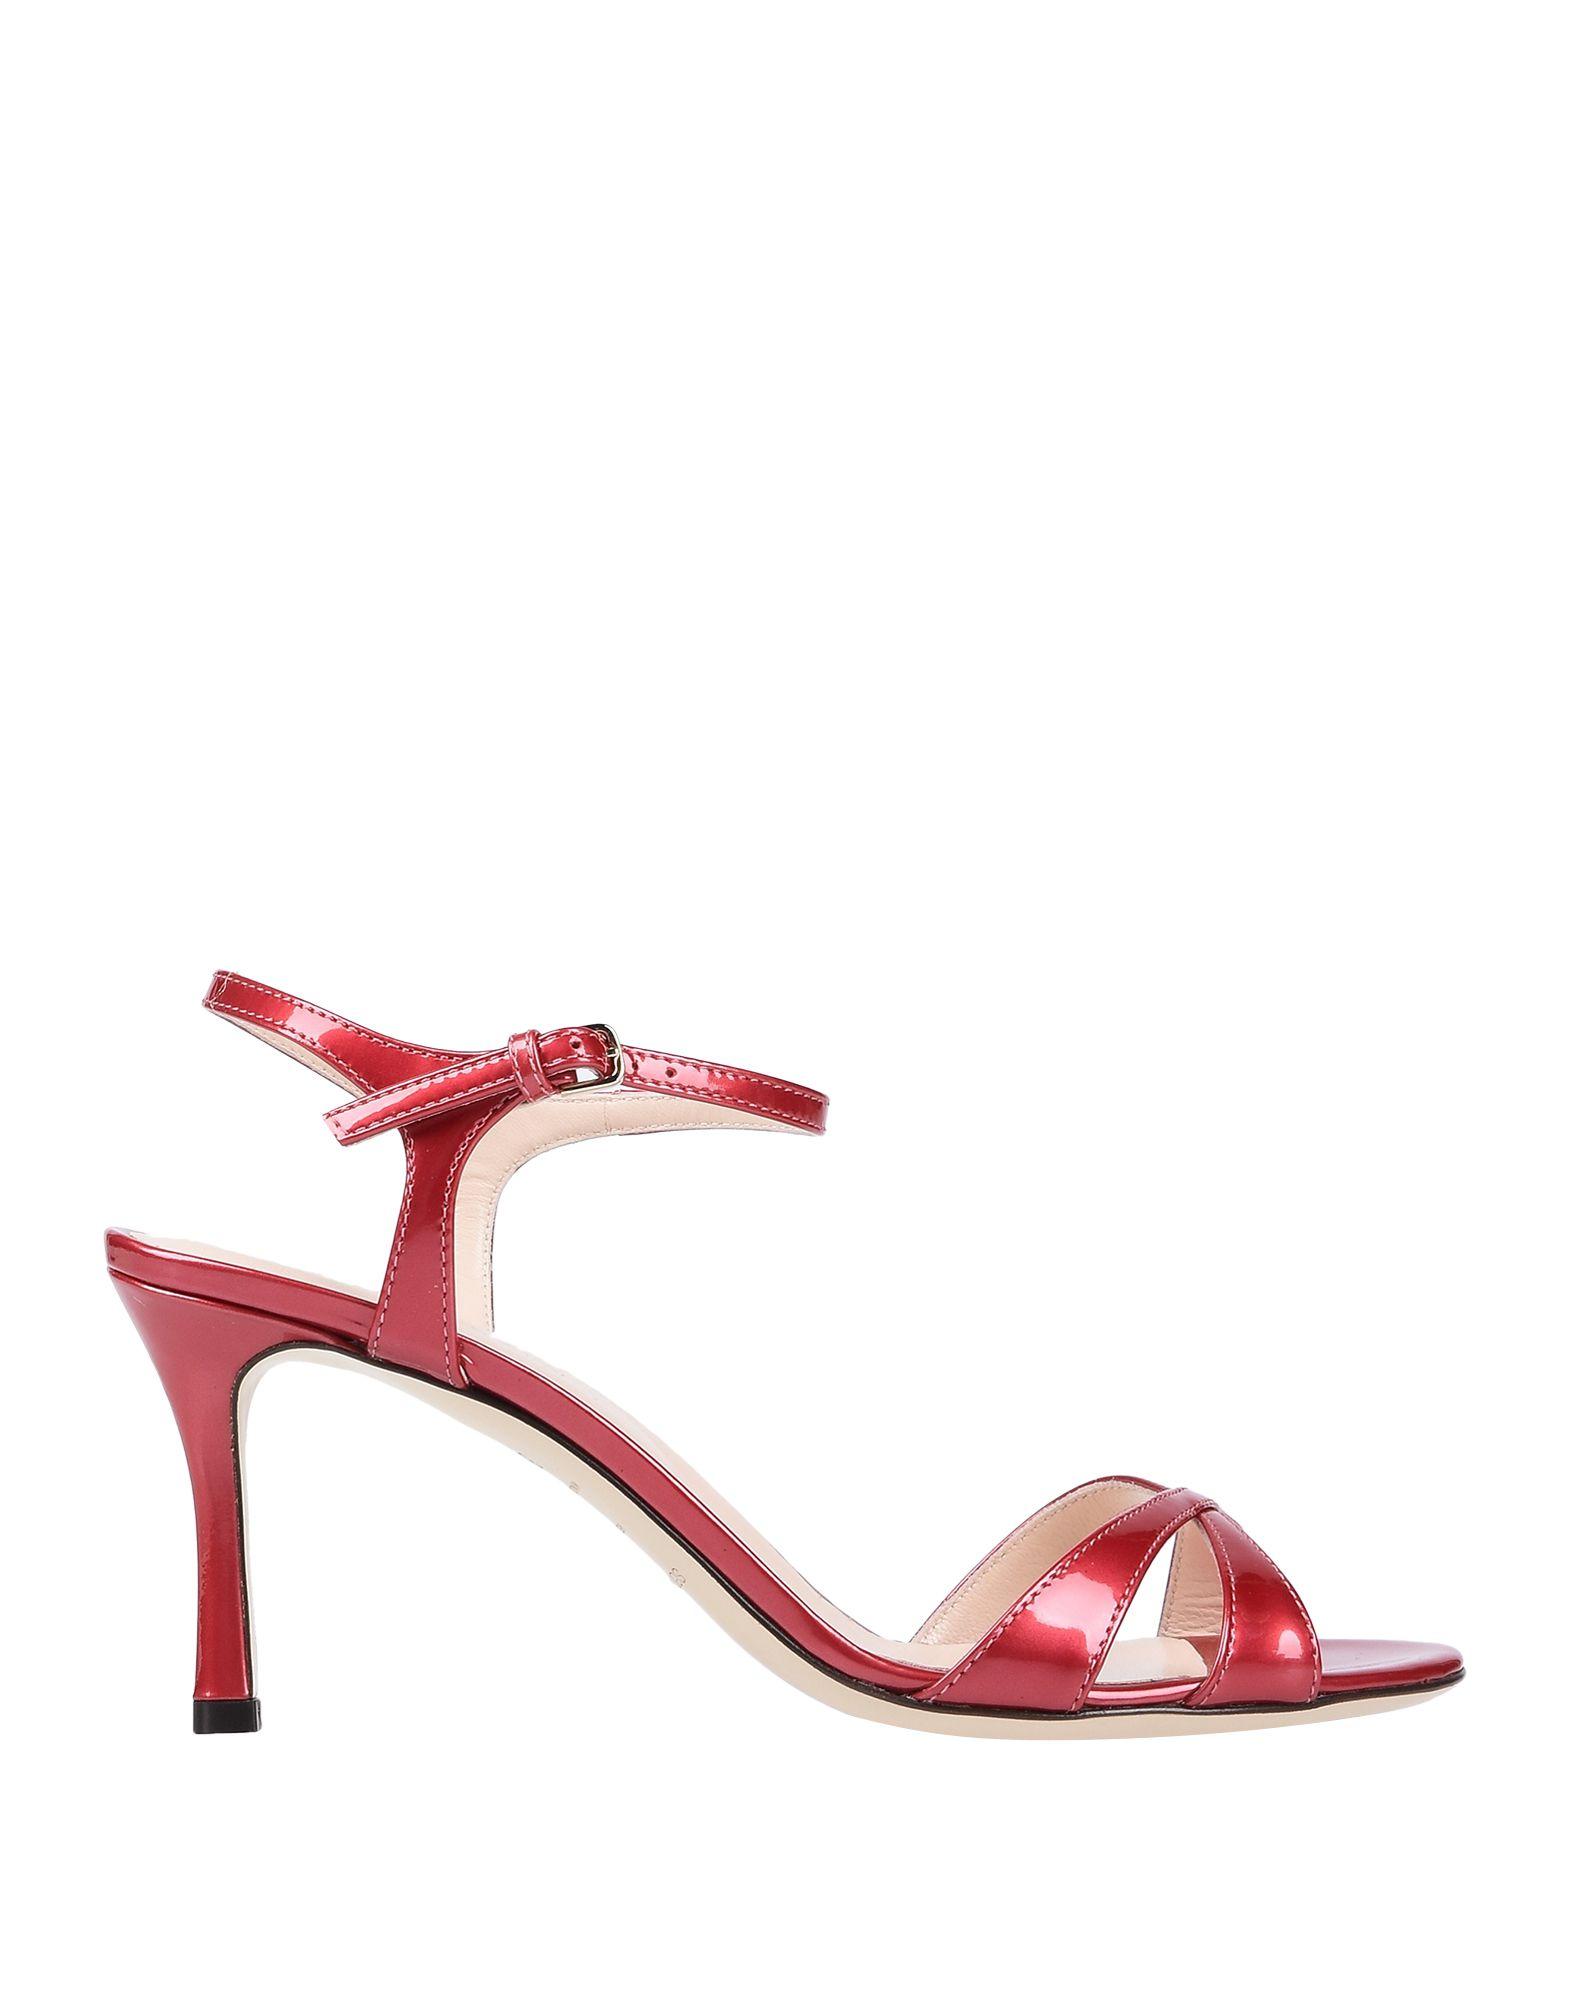 Sergio Rossi Sandals Sandals